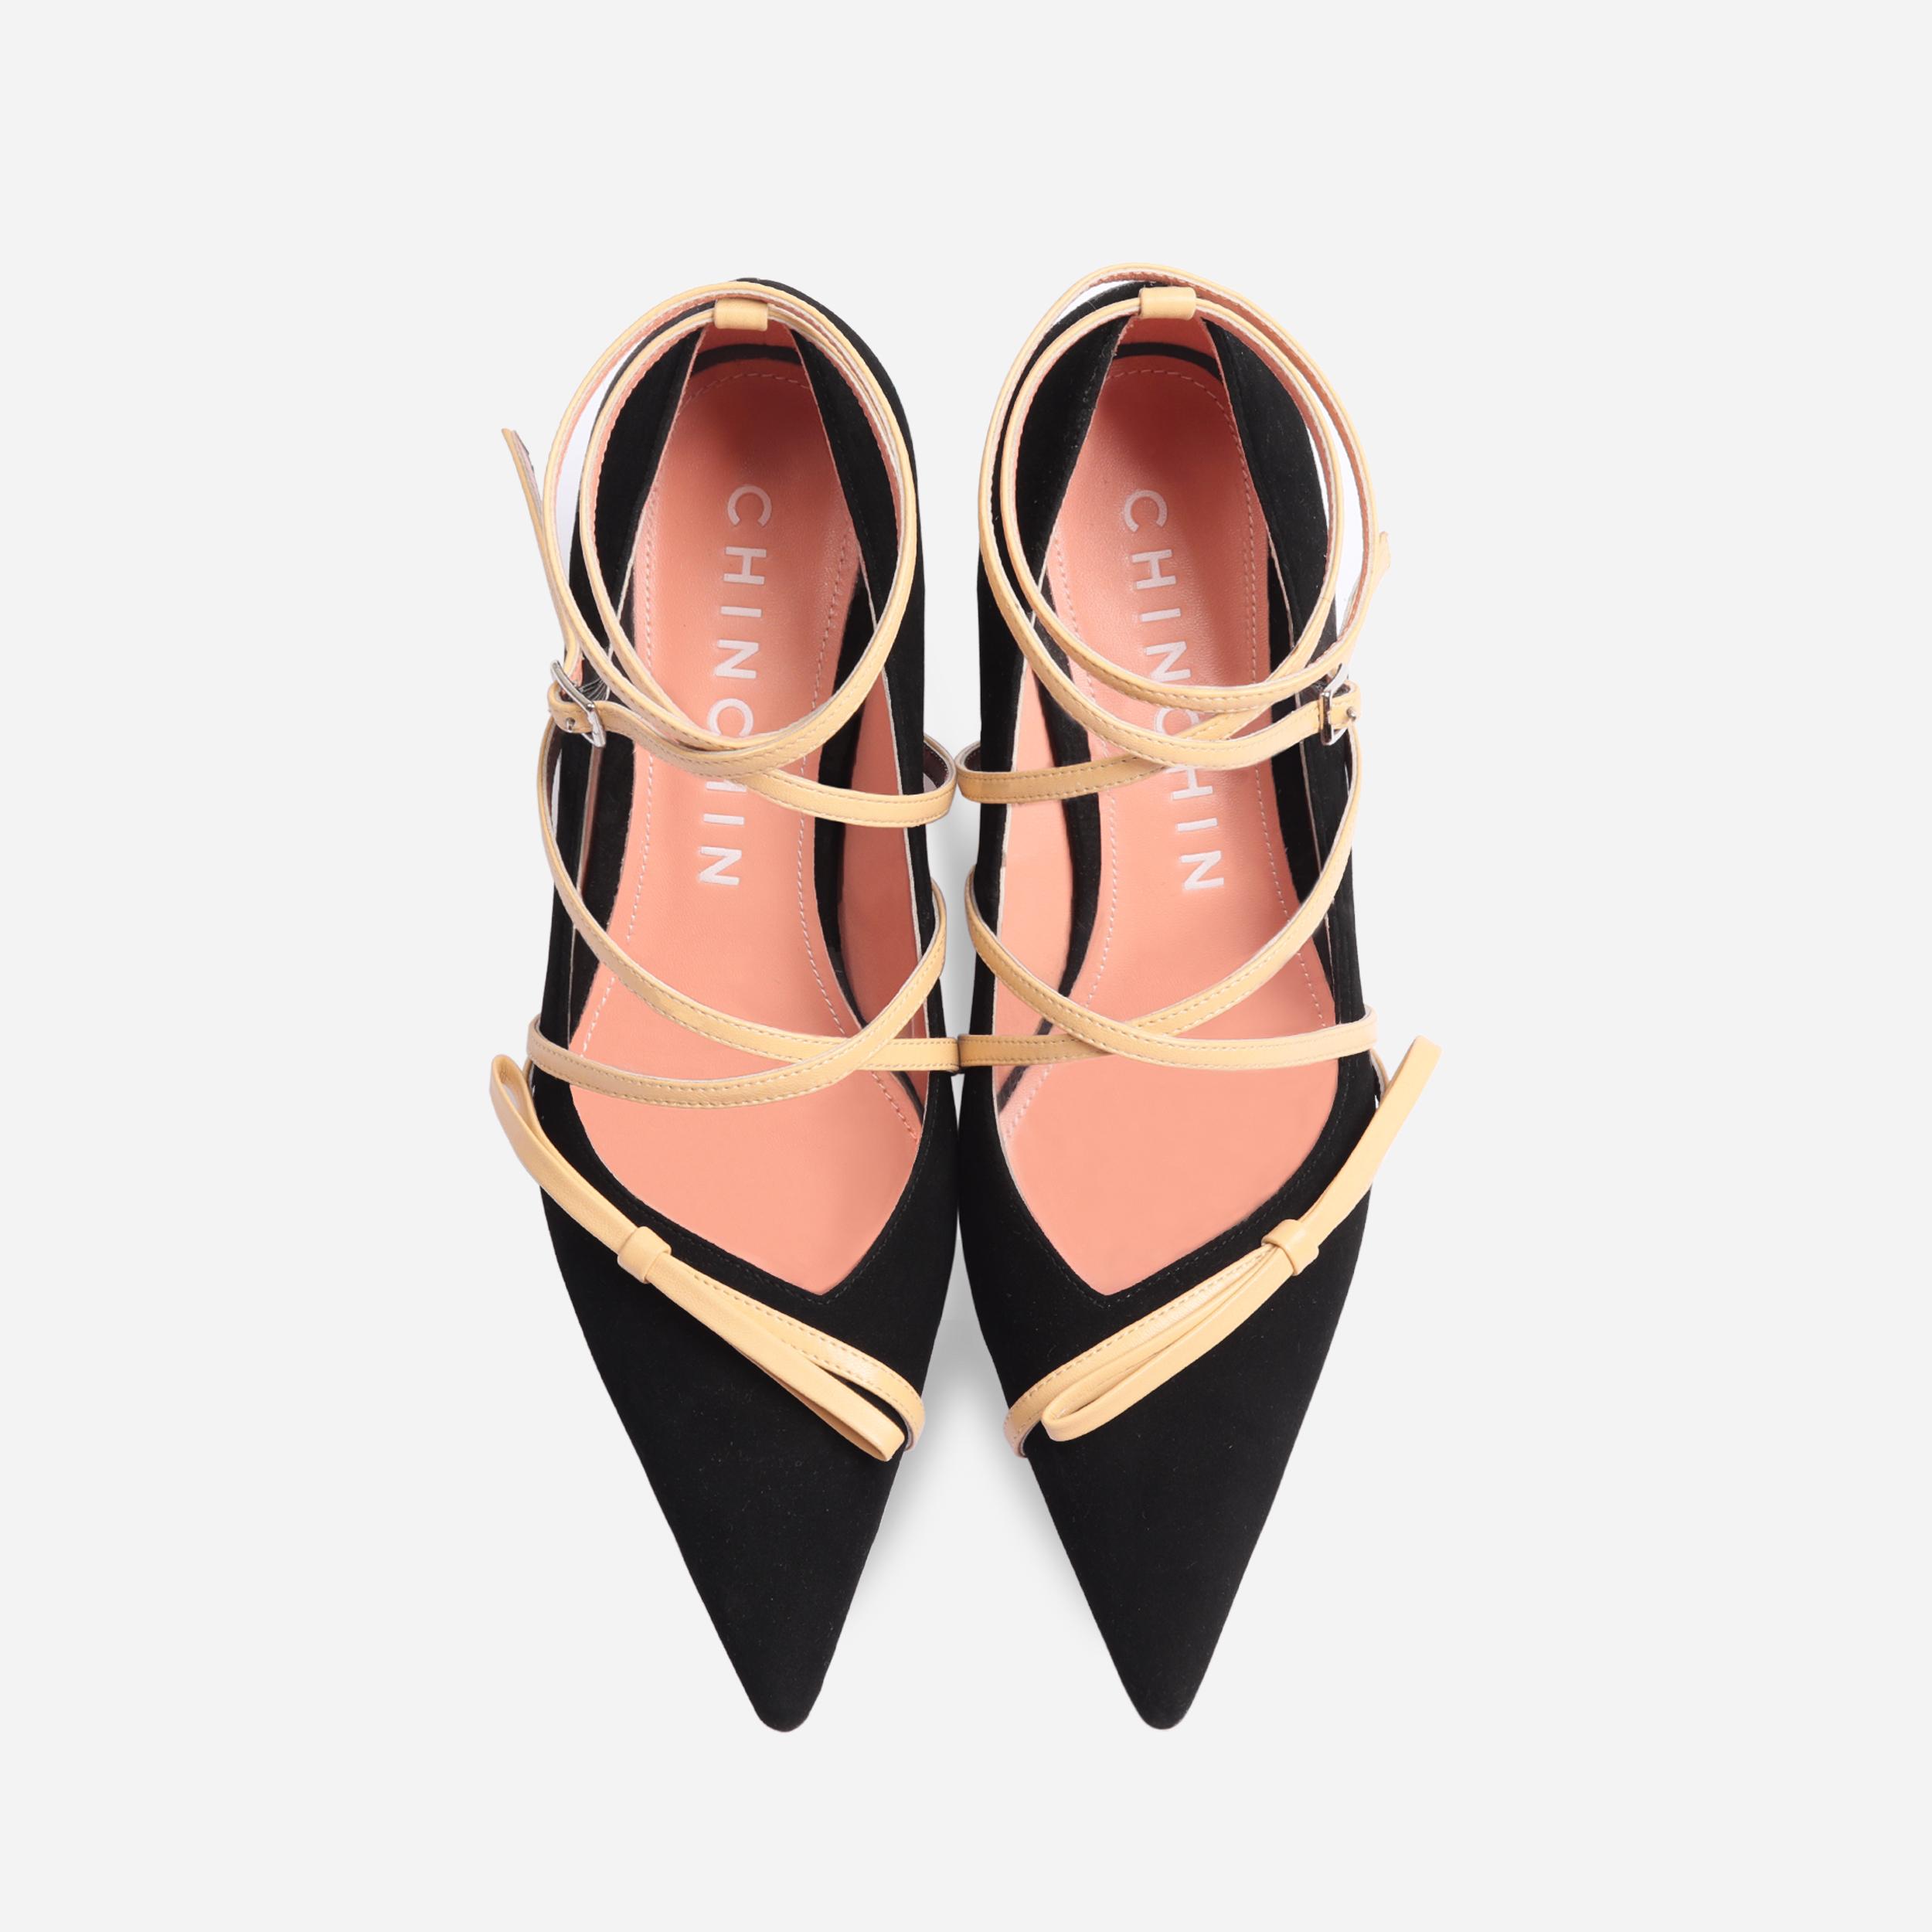 [好店推荐]淘宝质量和款式都好看的高跟鞋店铺推荐5